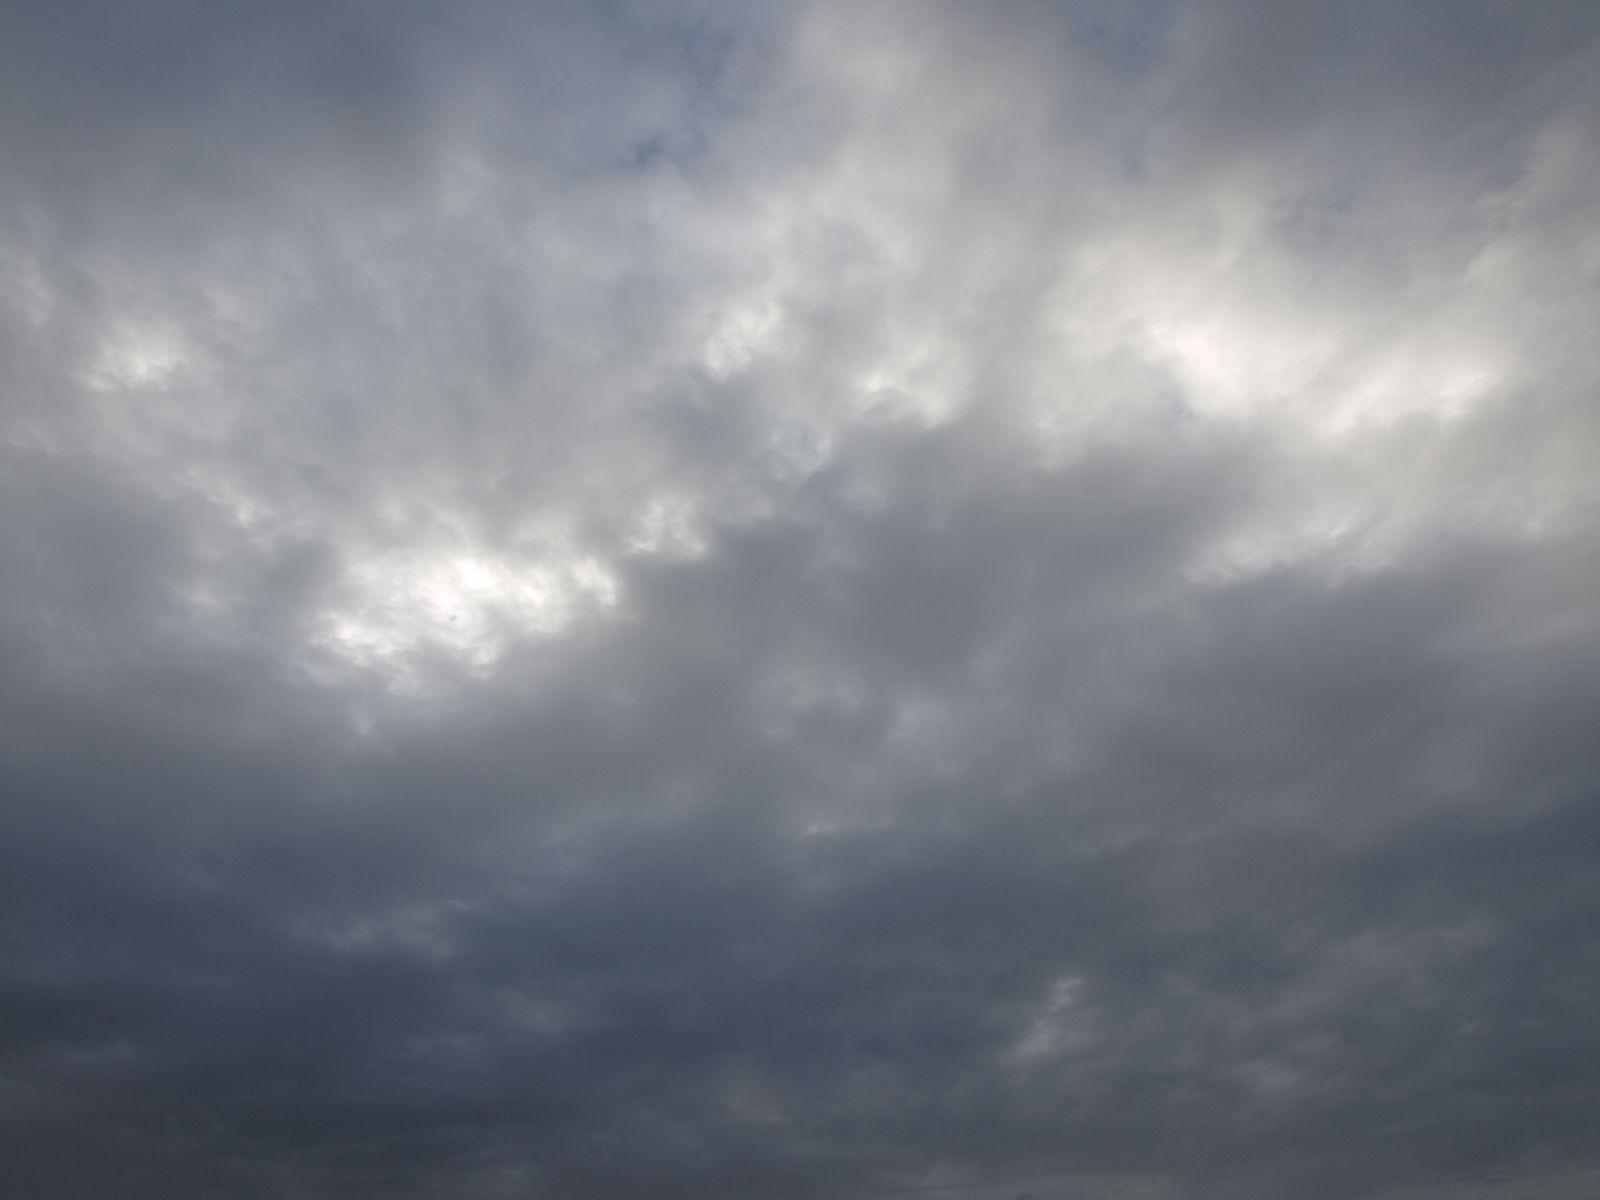 Himmel-Wolken-Foto_Textur_A_PB026427